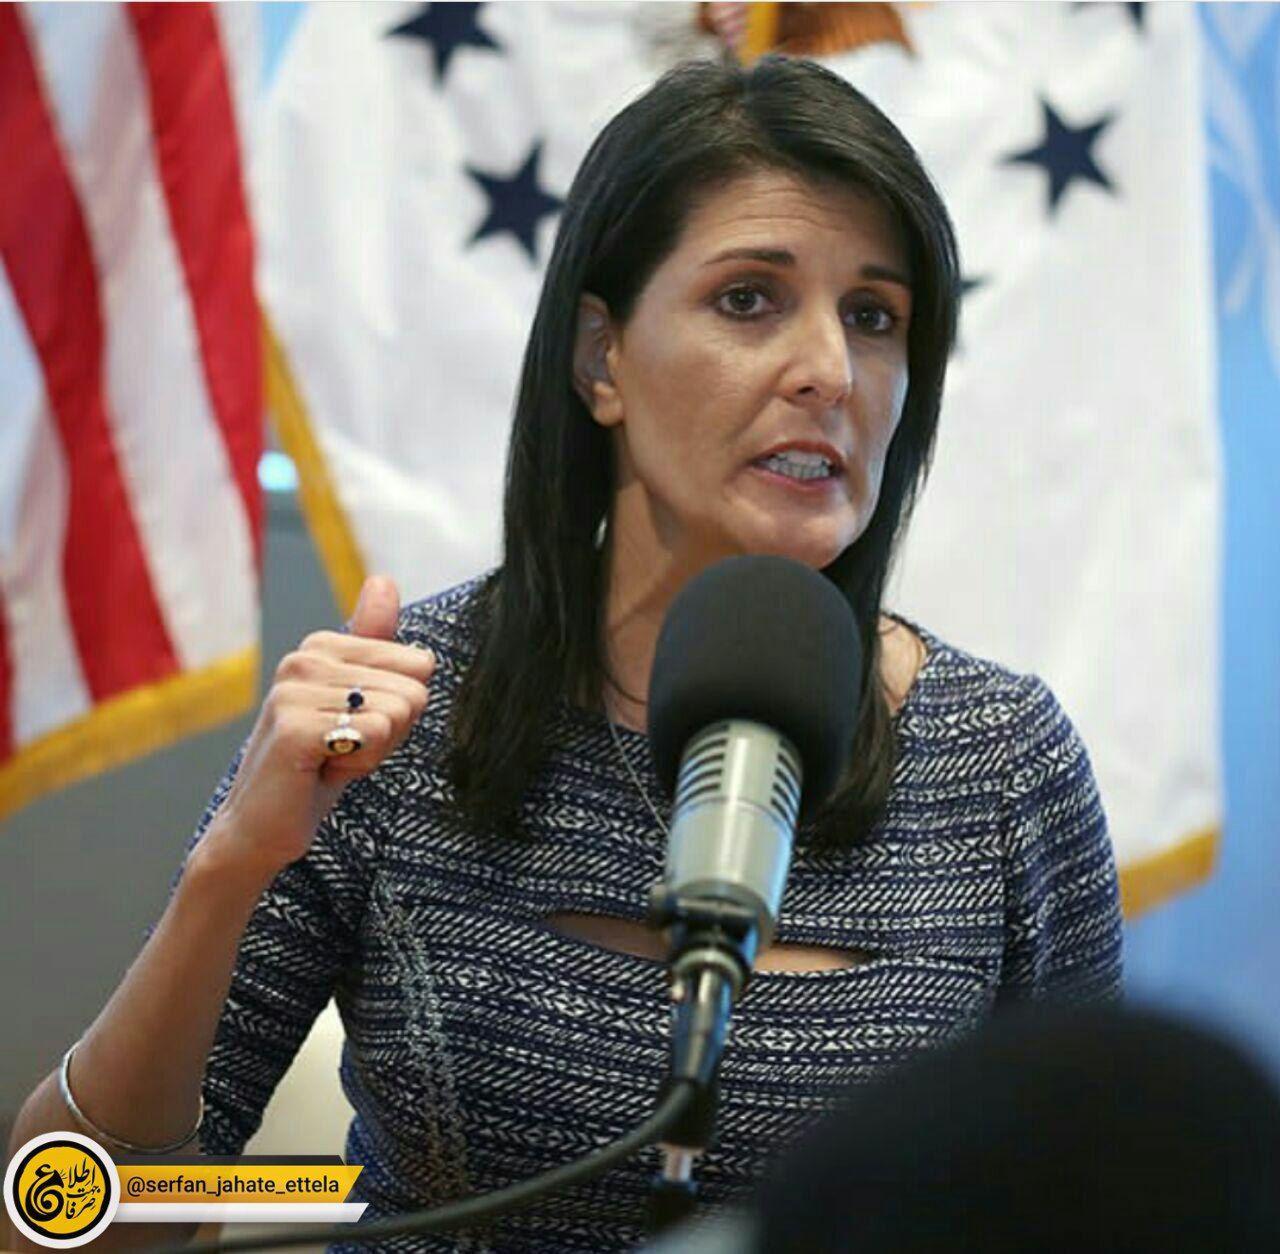 هیلی نماینده آمریکا در سازمان ملل استعفاء کرد